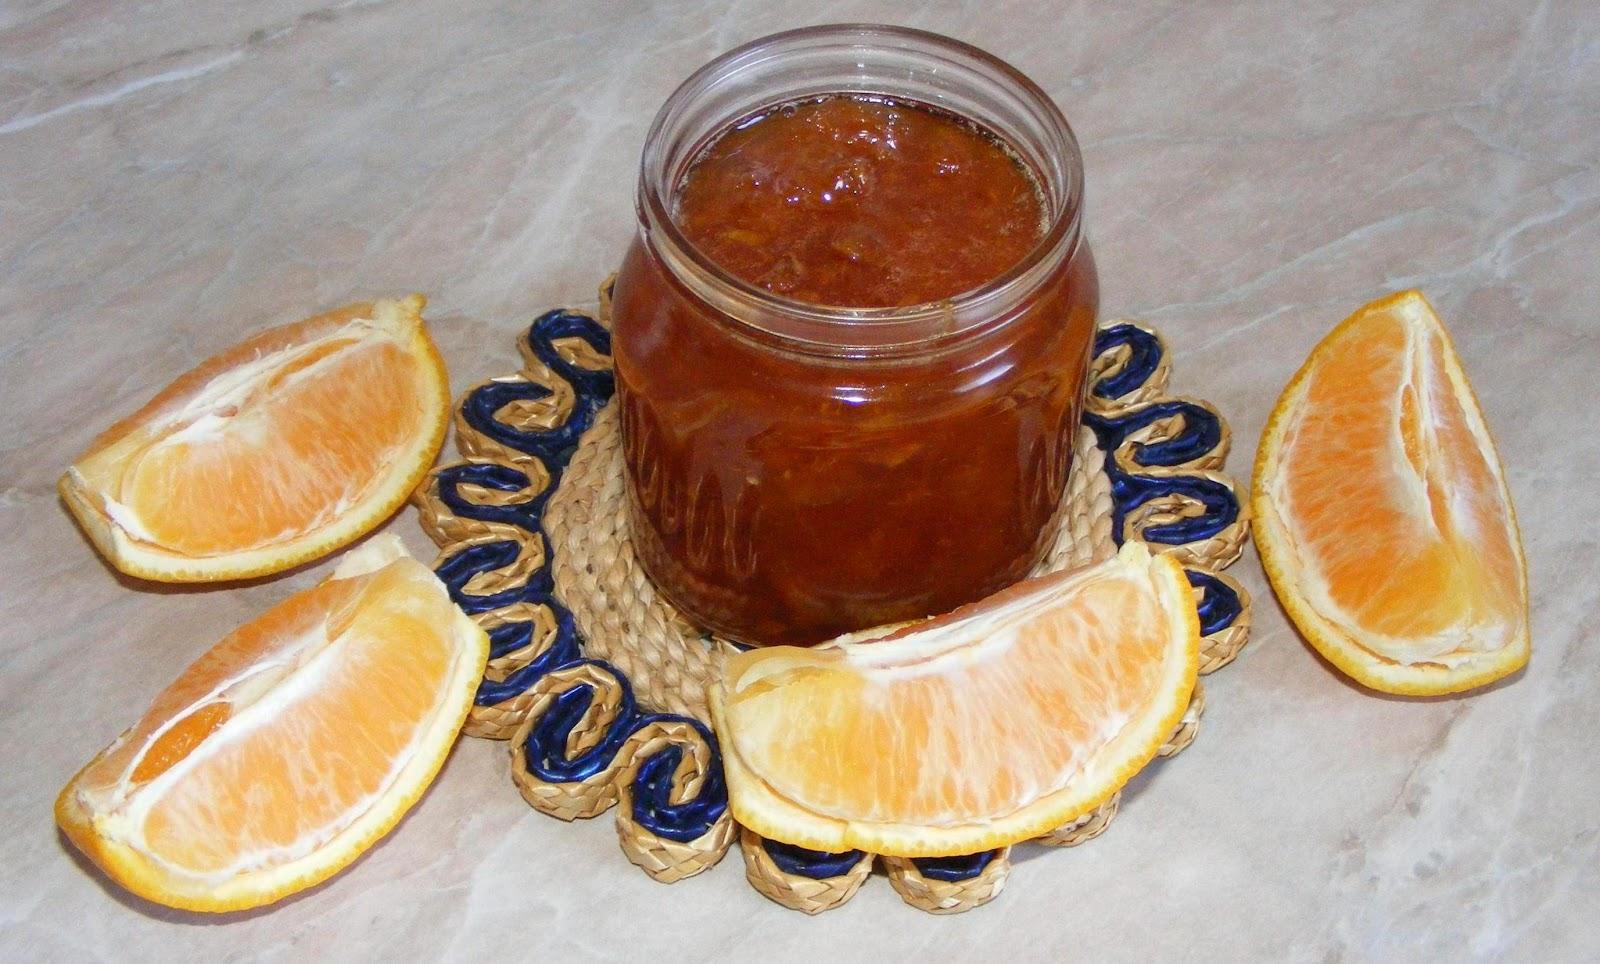 dulceata, dulceata de portocale, dulceata de casa, dulceata de portocale de casa, dulciuri, deserturi, retete cu portocale, reteta cu portocale, dulceata de fructe, retete si preparate culinare de gem si dulceturi pentru iarna, reteta cu fructe, dulceata cu fructe,